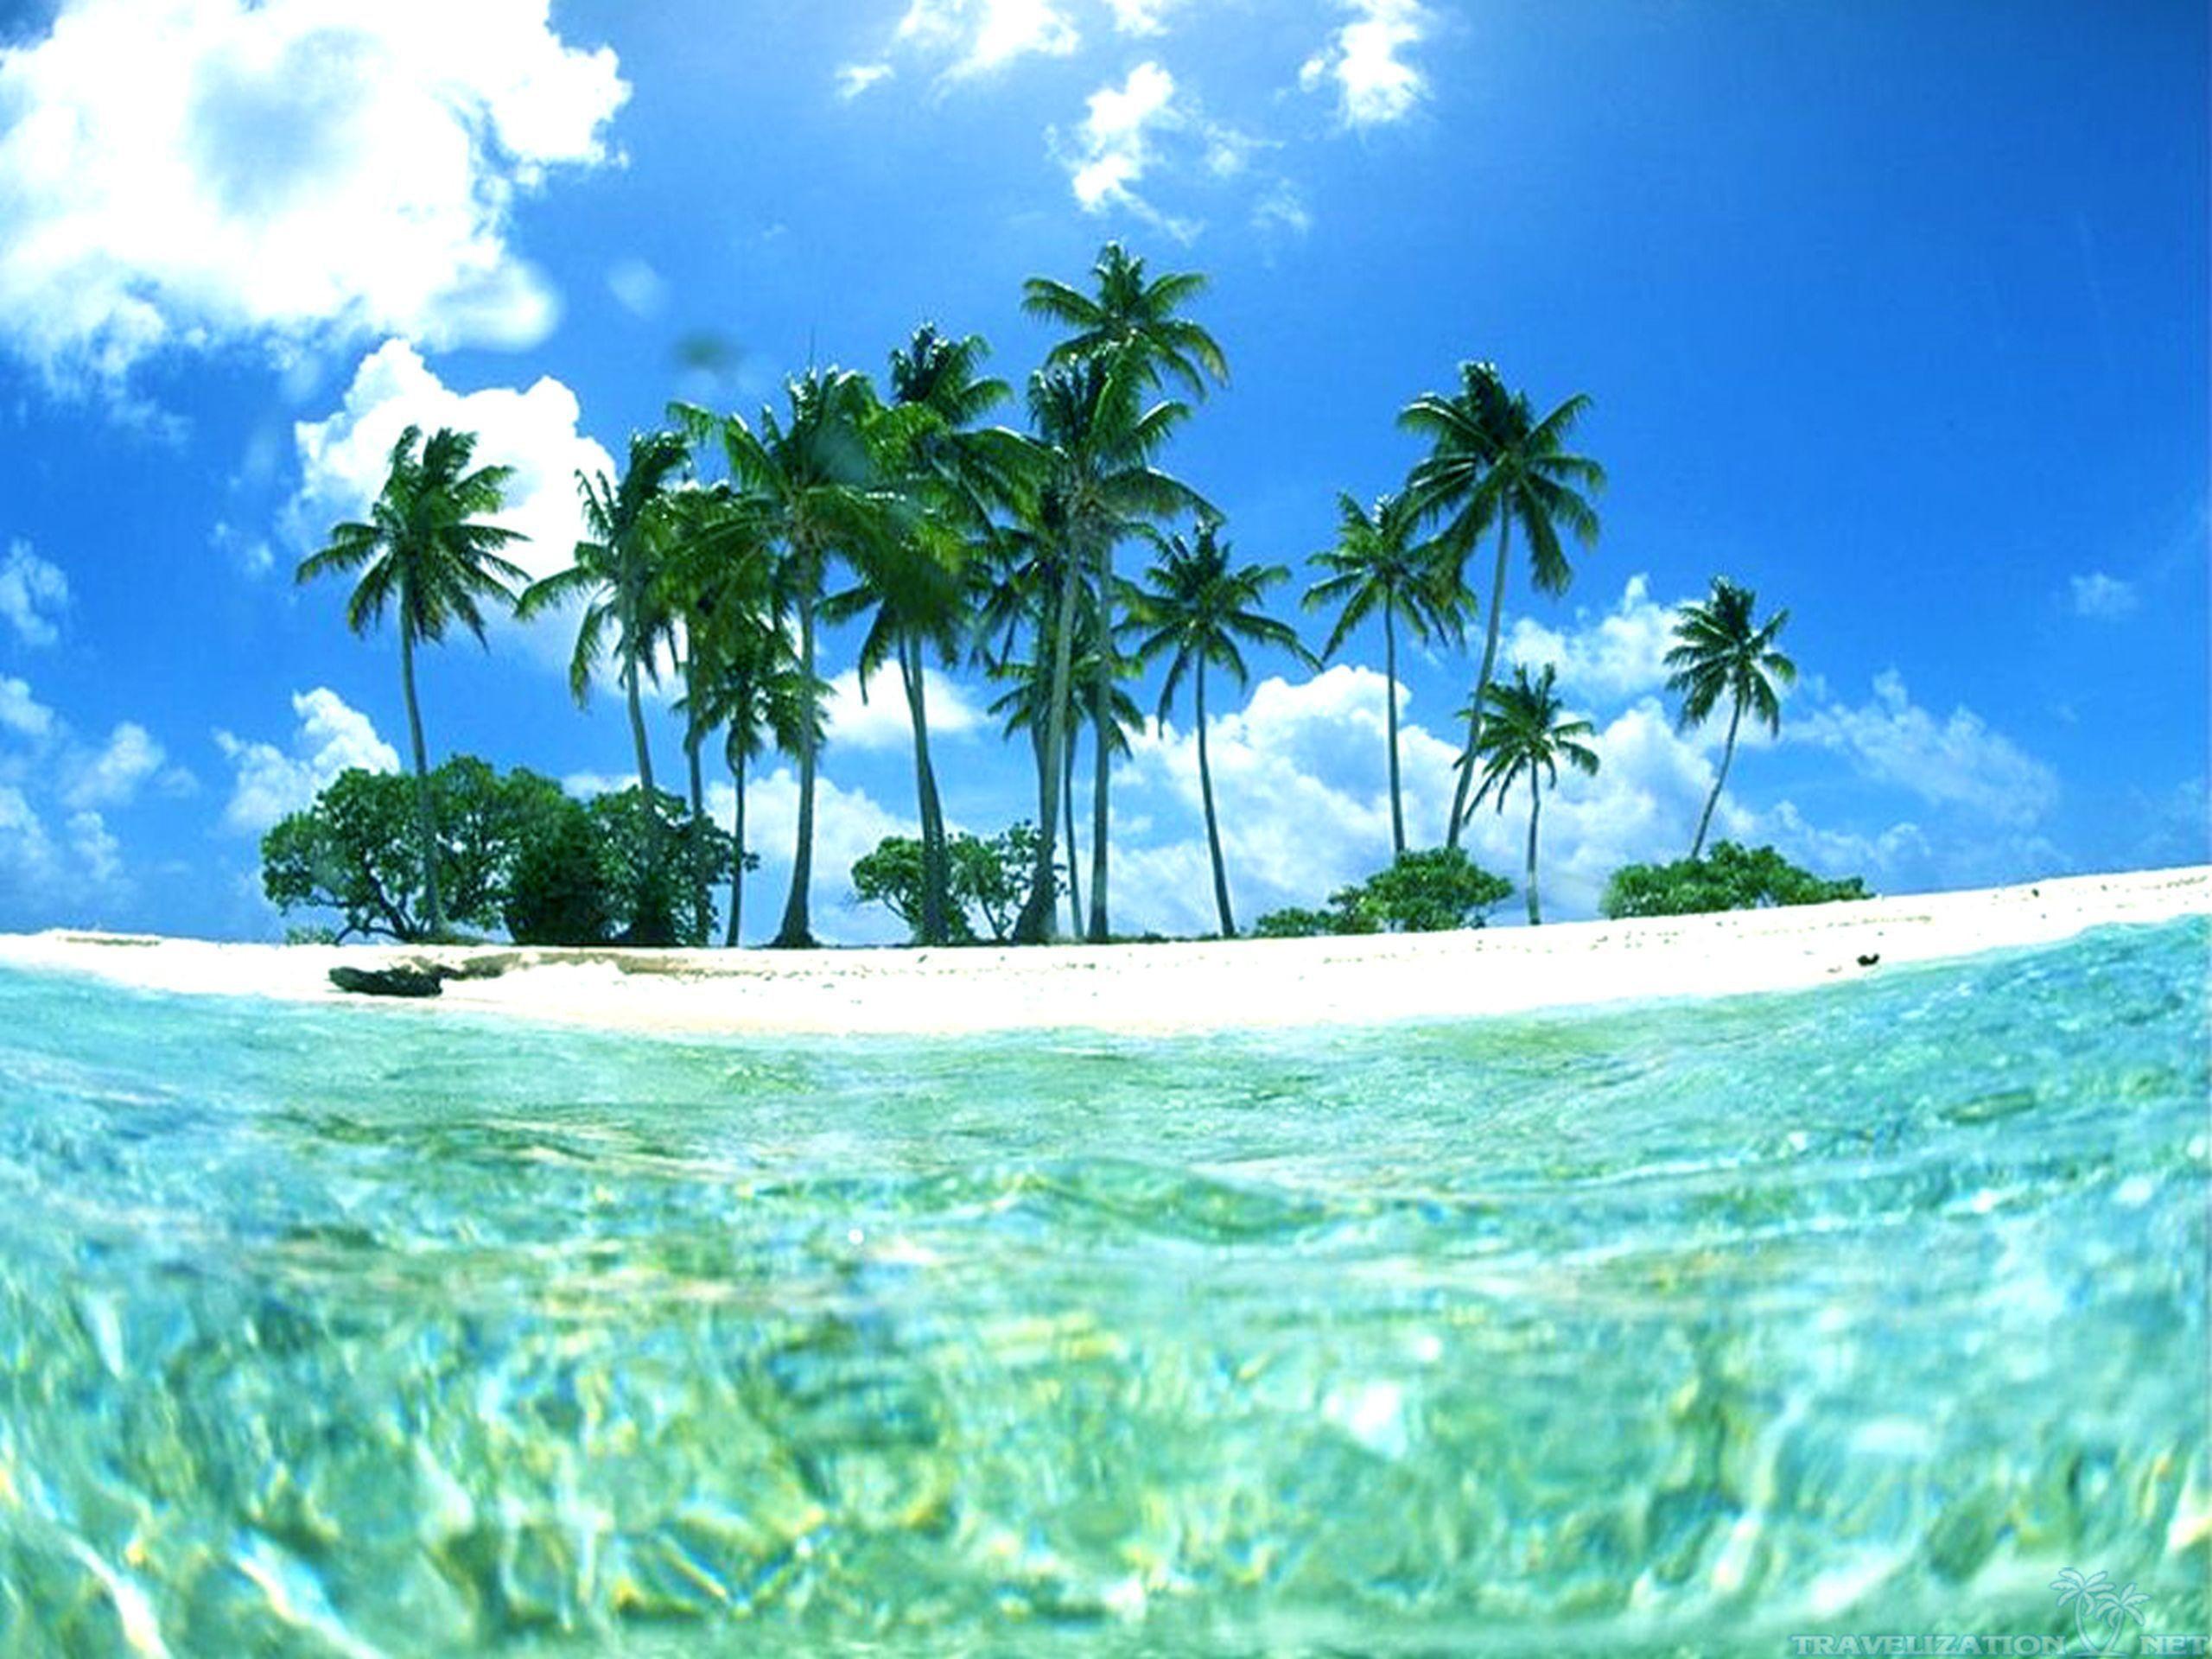 1920x1200 Tropical Beach Bungalows HD Wallpaper